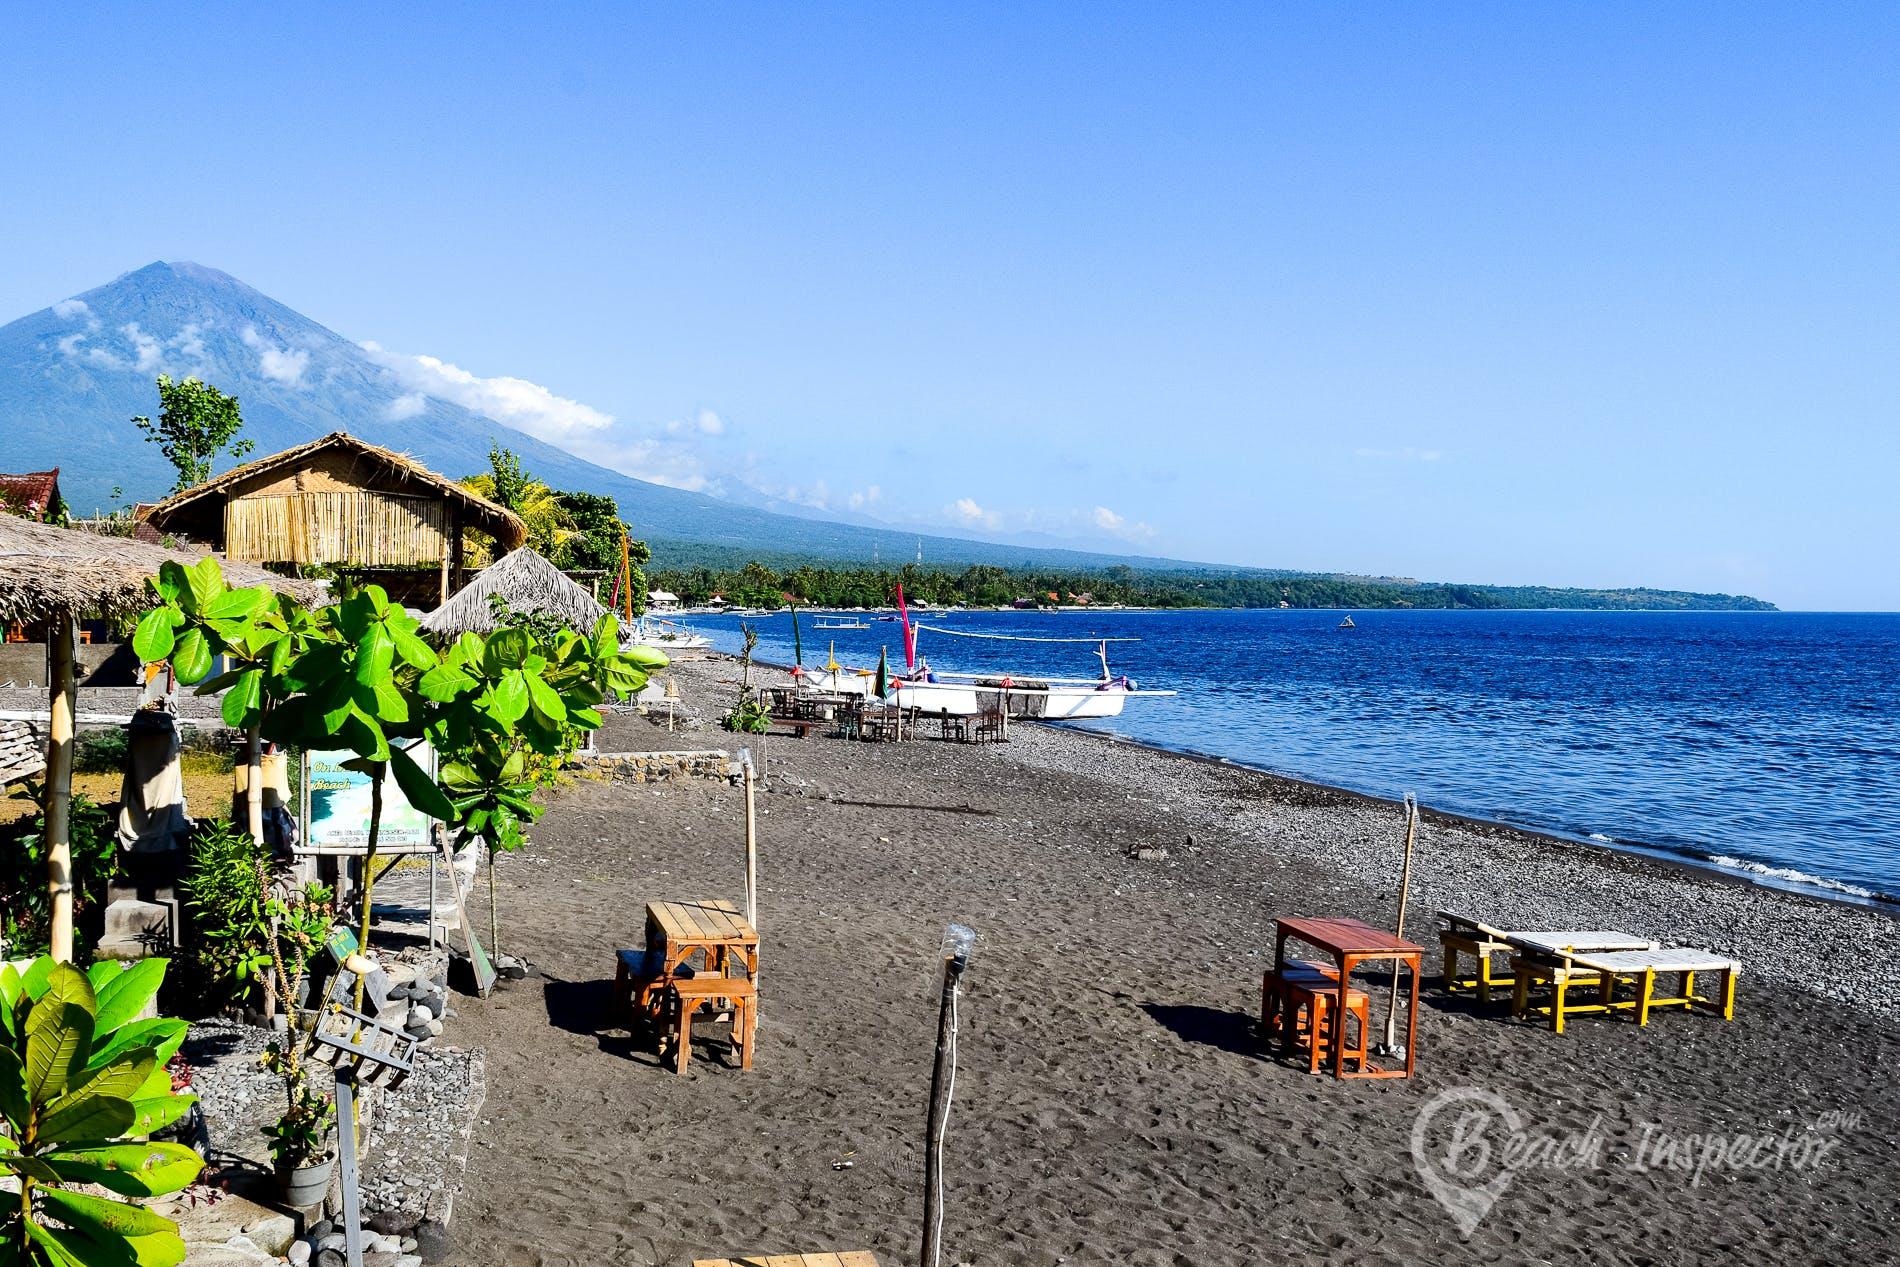 Playa Amed Beach, Bali, Indonesia